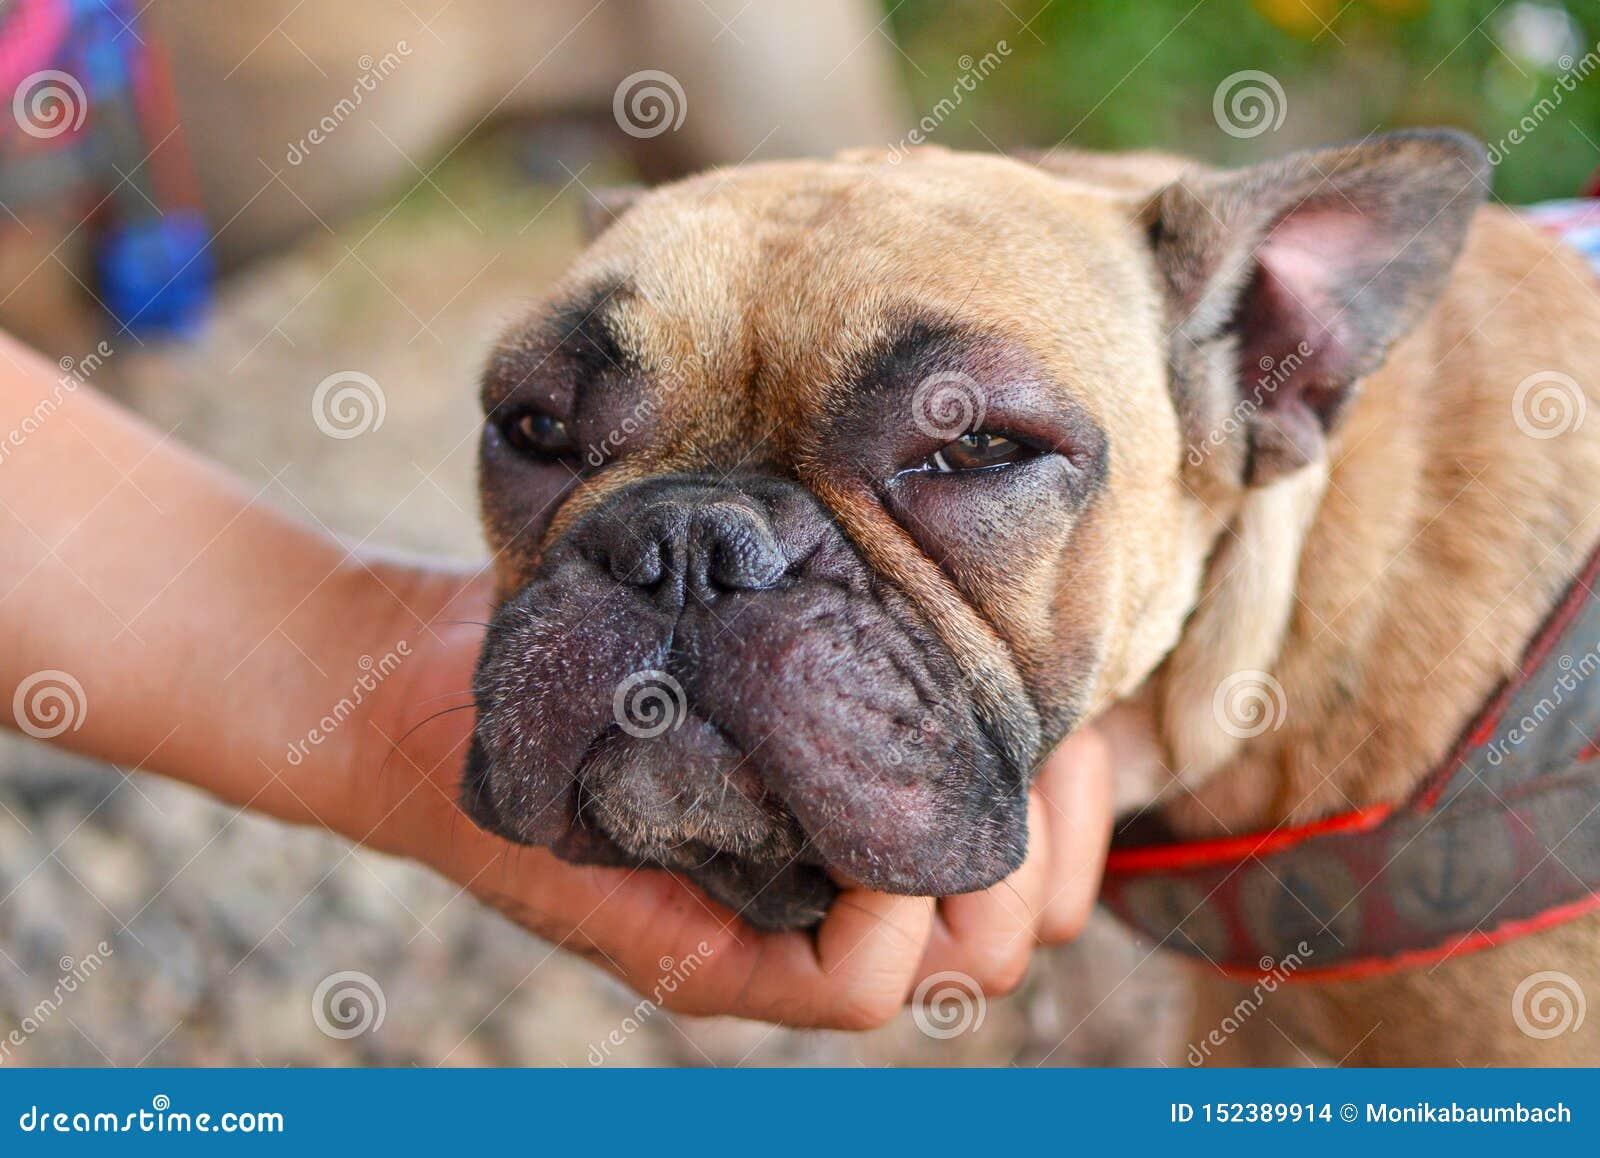 Perro del dogo francés con la cara hinchada y los ojos hinchados rojos después de sufrir una reacción alérgica